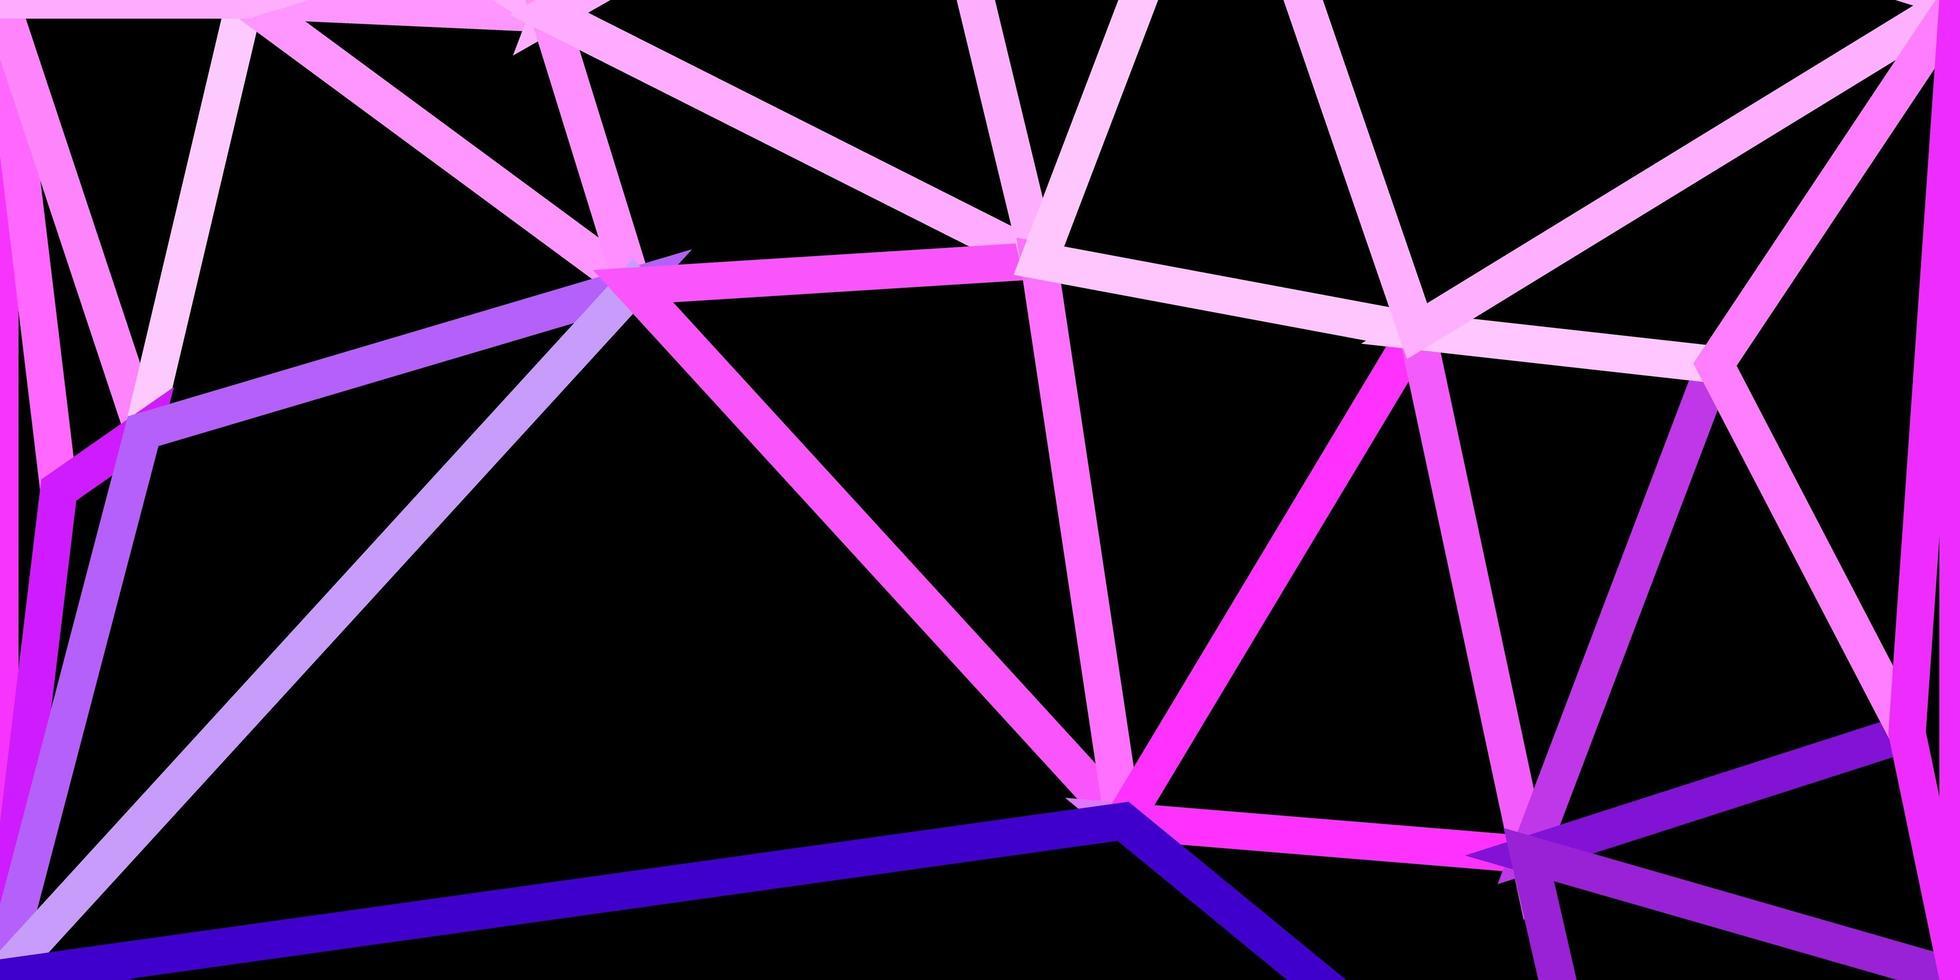 papier peint polygonale géométrique vecteur rose clair.